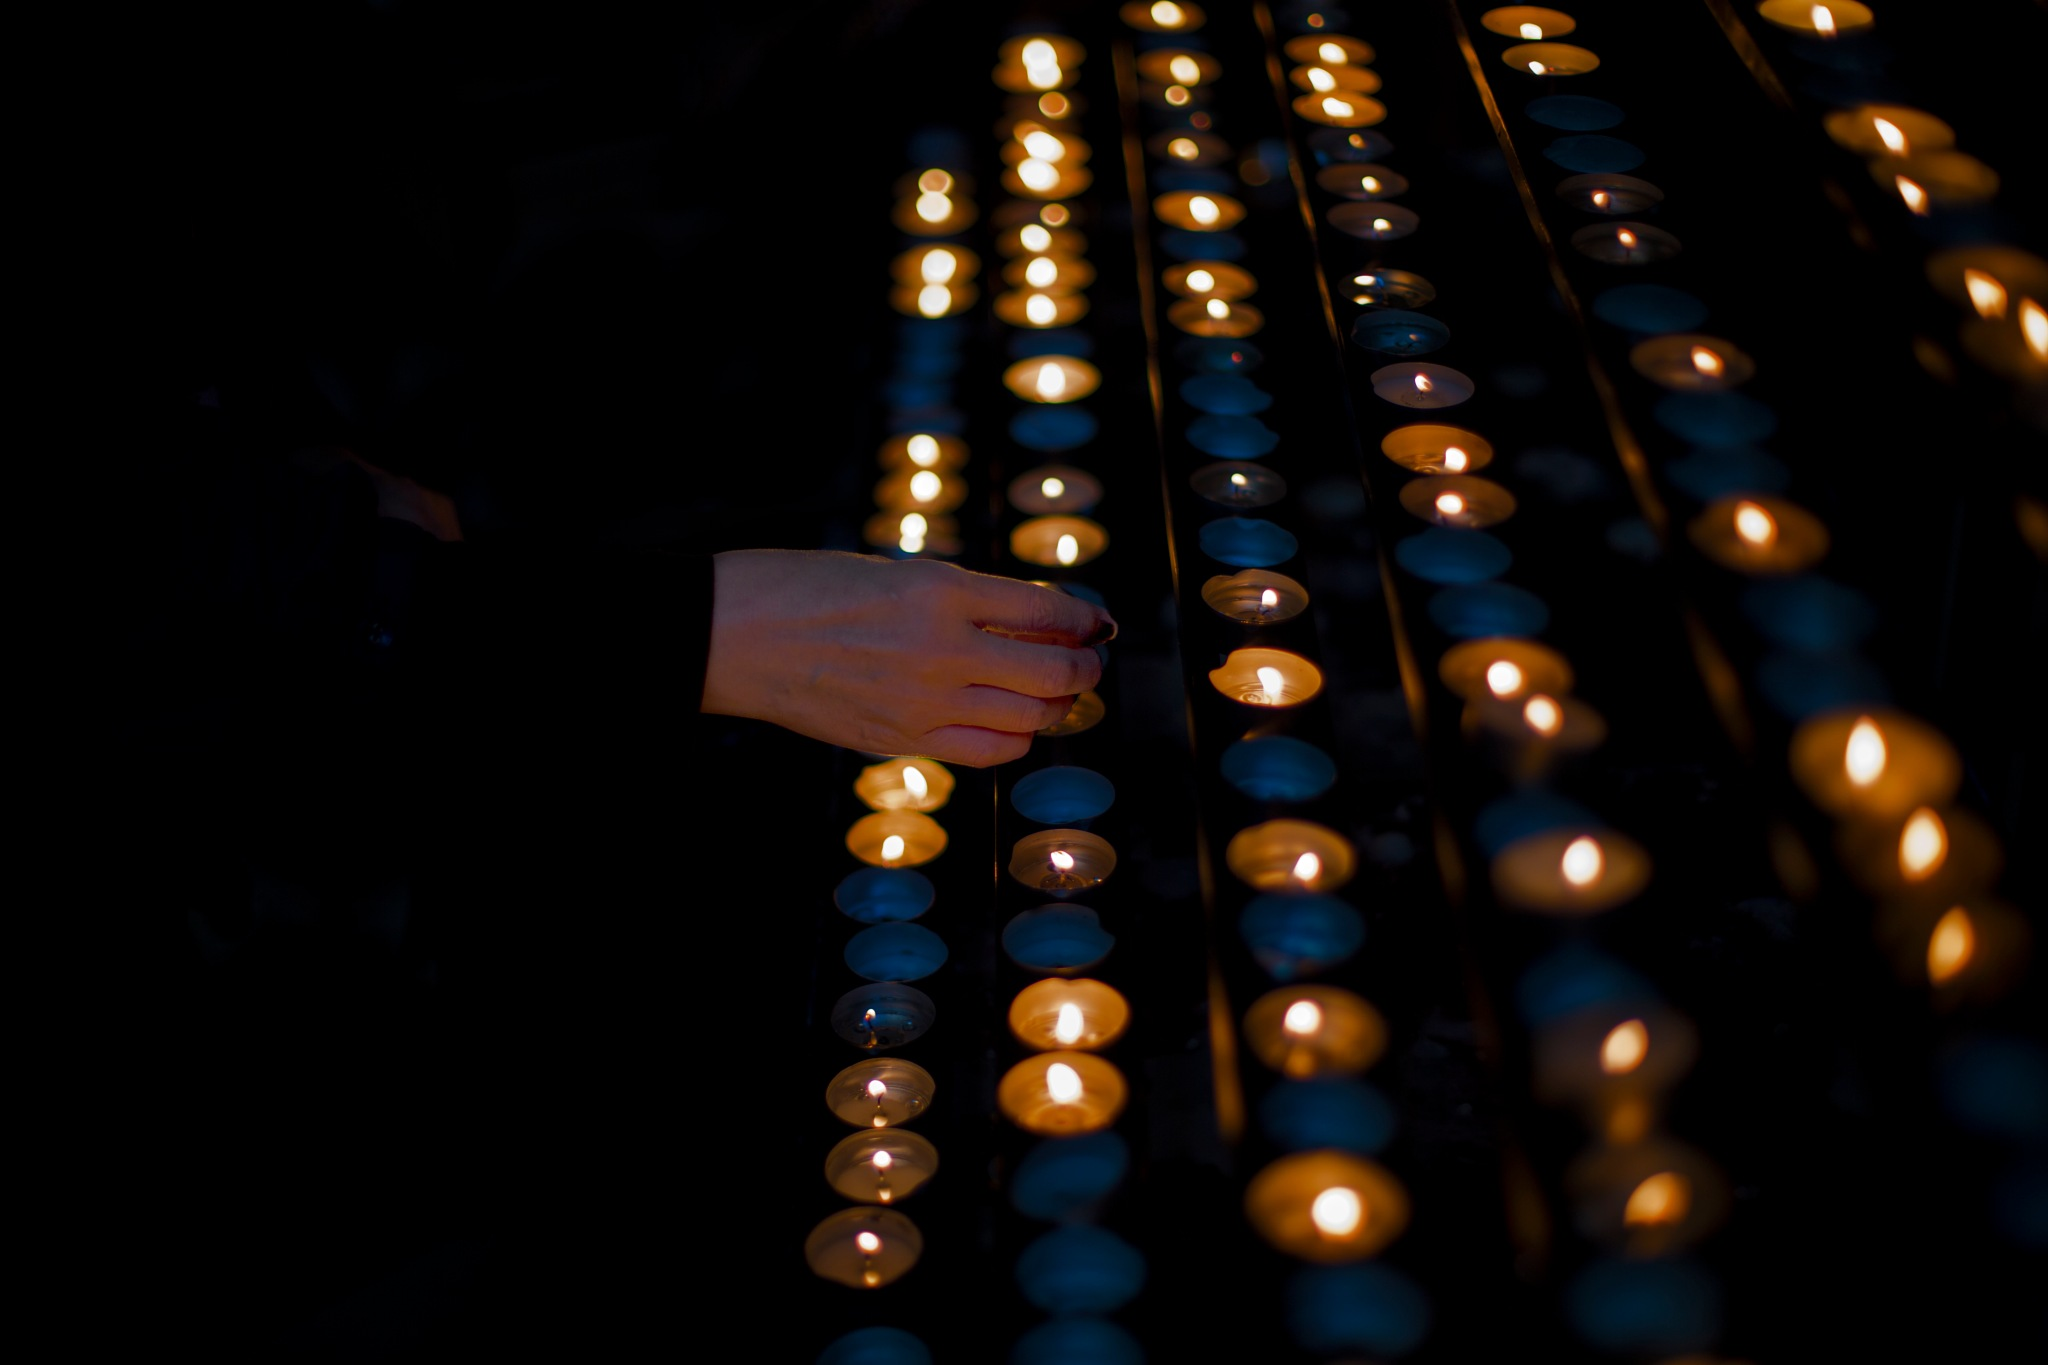 prayer by Christoph Reiter